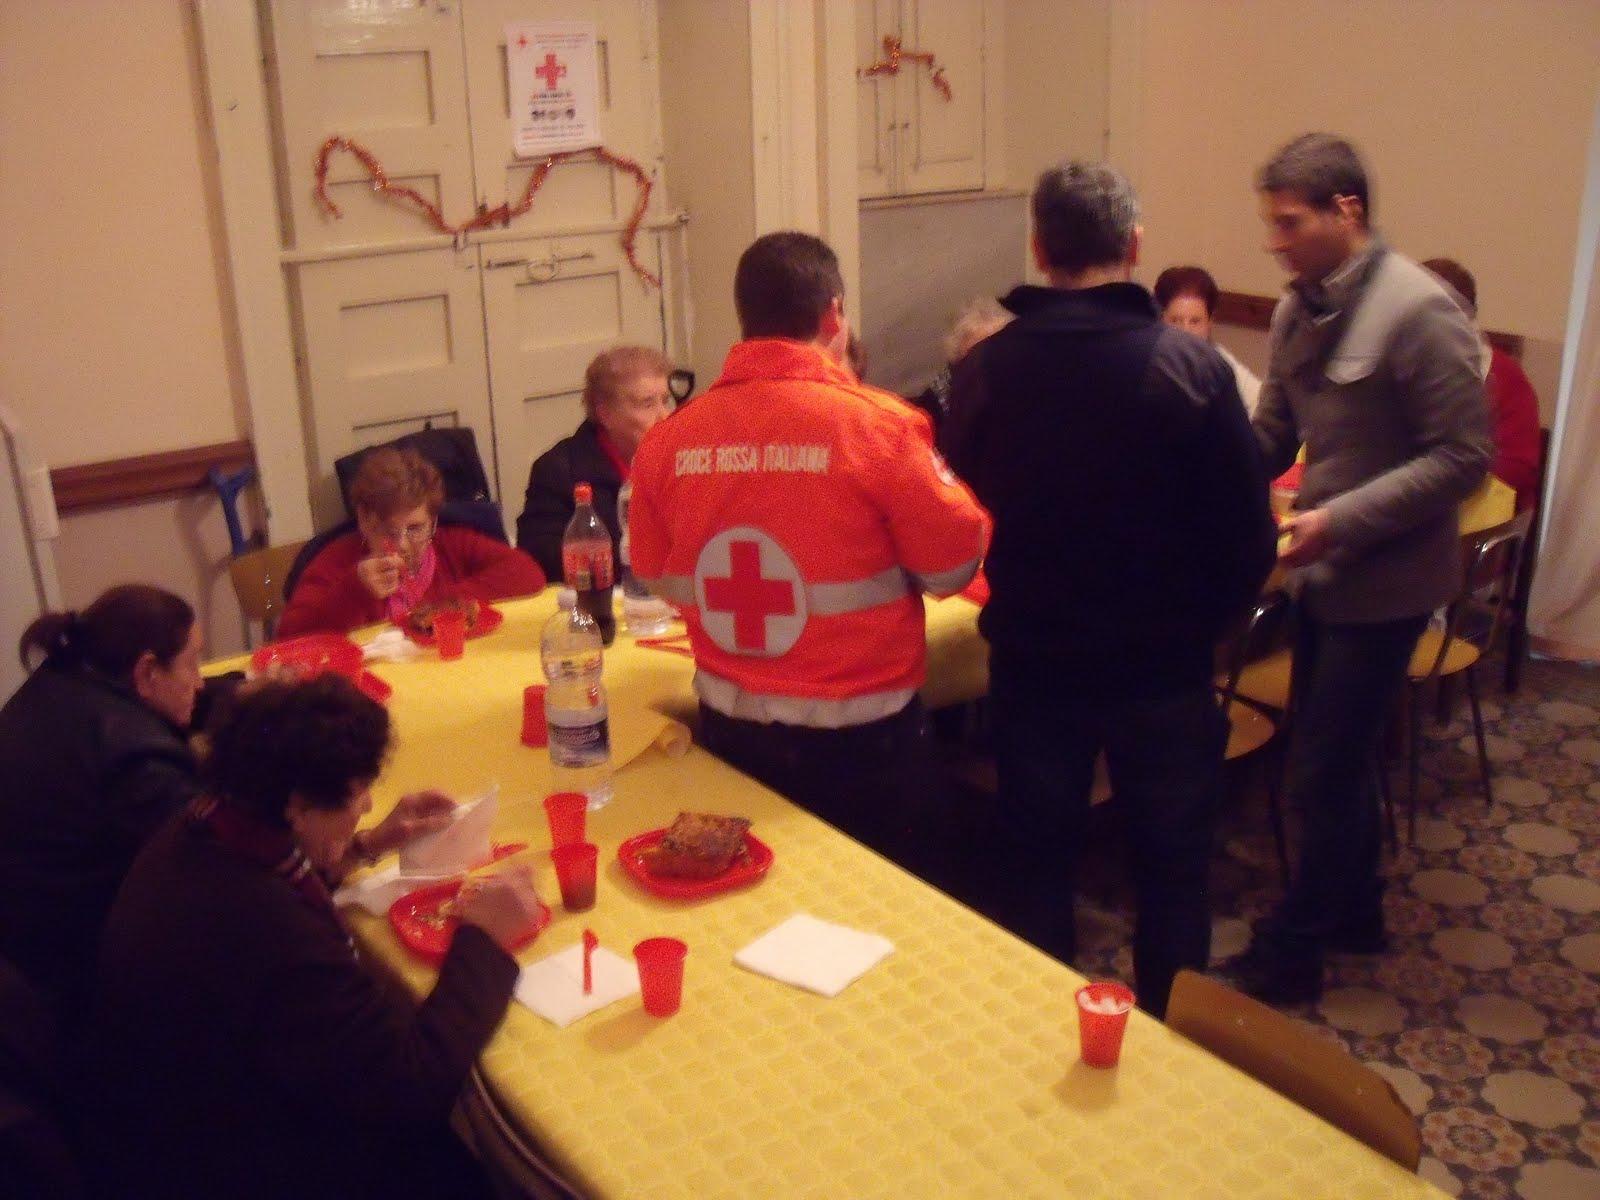 Aci s antonio e dintorni aggiungi un posto a tavola 2011 cri foto video - Aggiungi un posto a tavola 12 ottobre ...